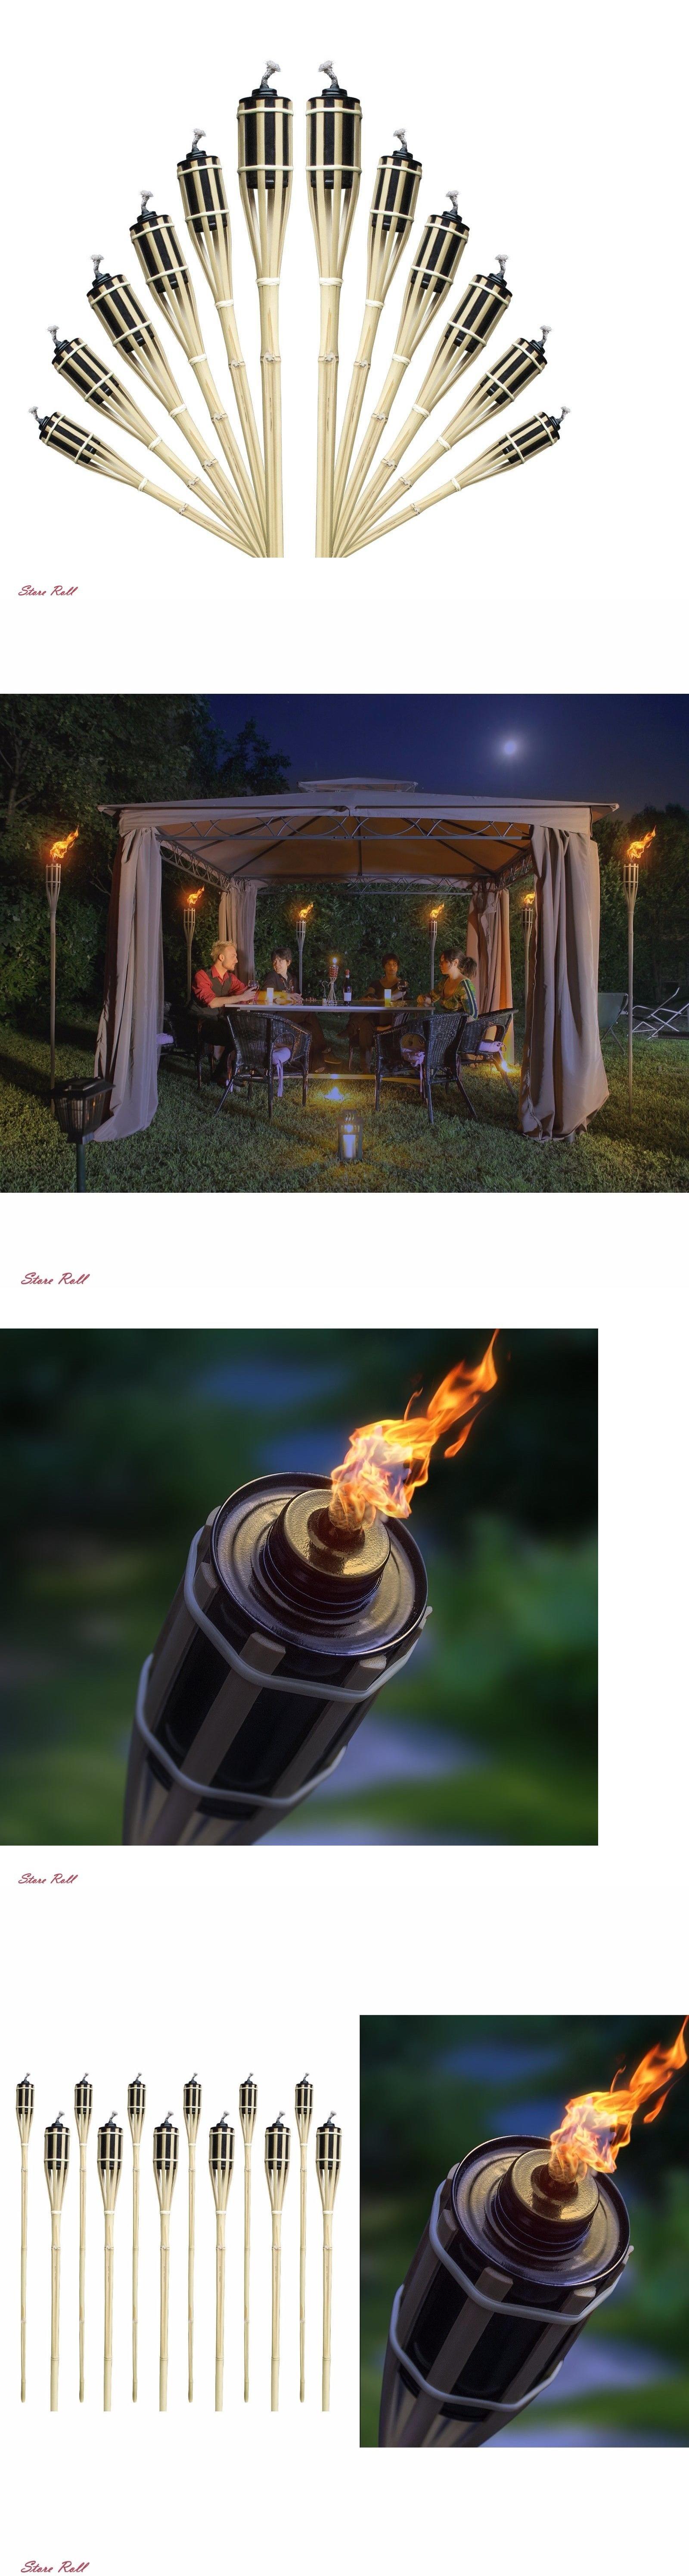 Garden And Patio Torches 183391: Tiki Torch Lamp Floor Patio Lights Outdoor  Lawn Garden Decor